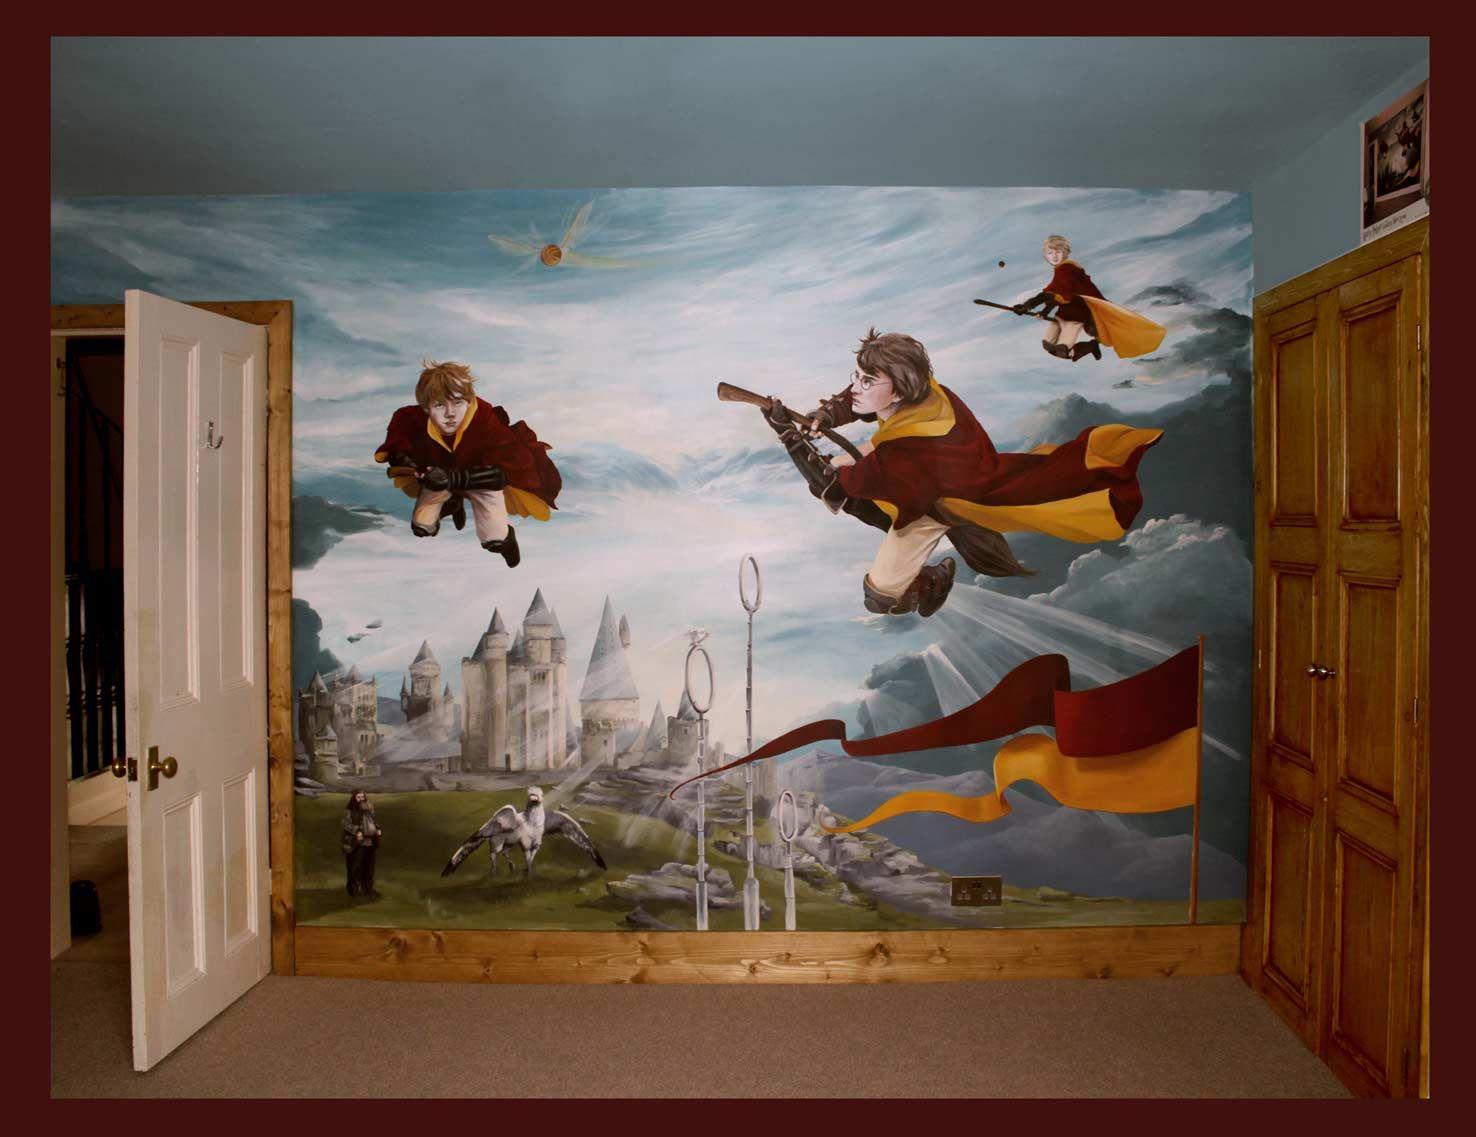 Children s murals diy paint by number wall murals - Http Oneredshoe Co Uk Images Muralport Harry Bedroom Muralskids